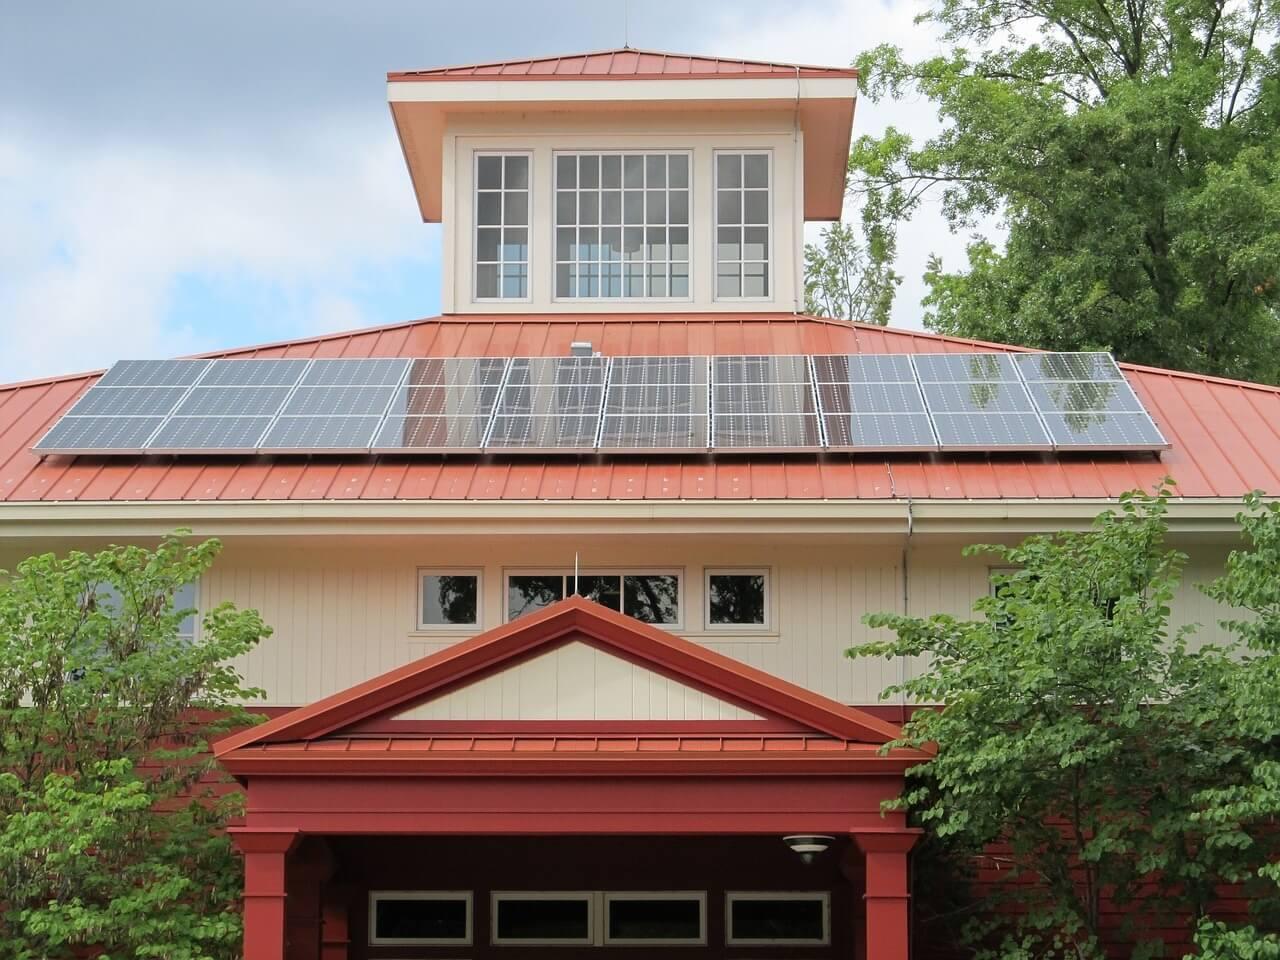 Fotovoltaik: Installation einer Aufdach-Anlage unterliegt der Bauabzugsteuer